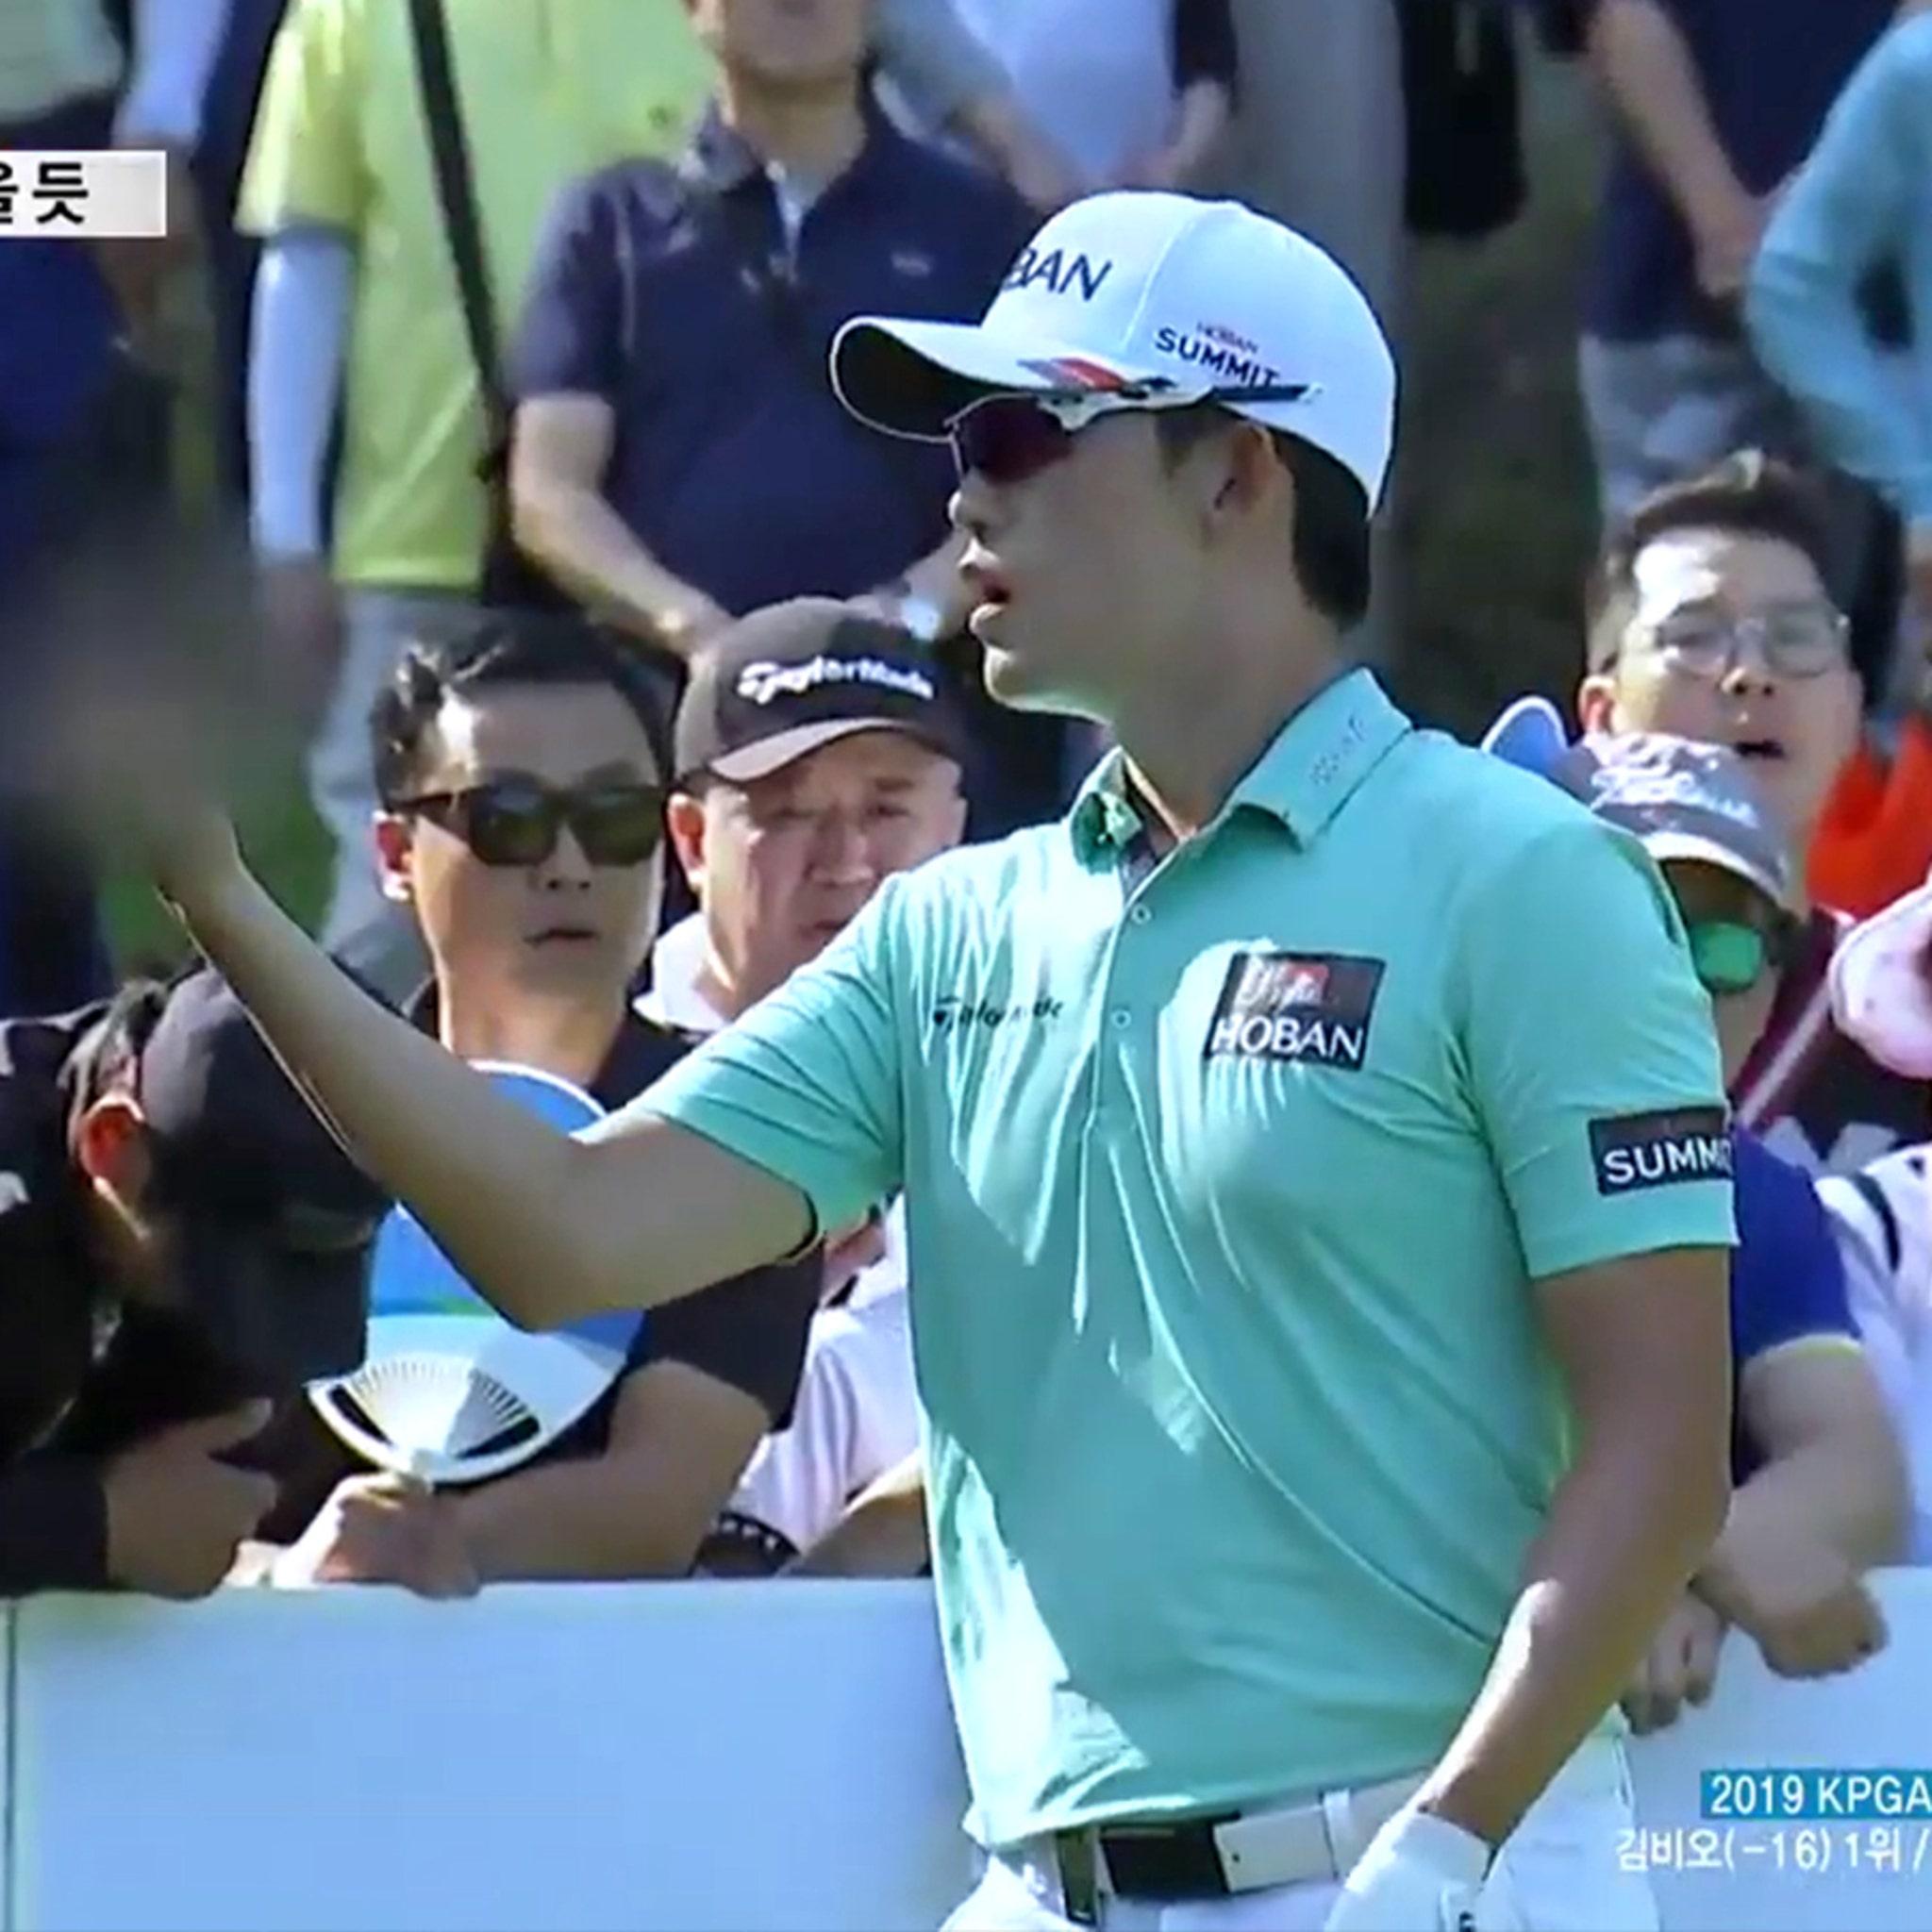 Flipboard: Korean Golf Star Kim Bi-o Gets 3-Year Ban For